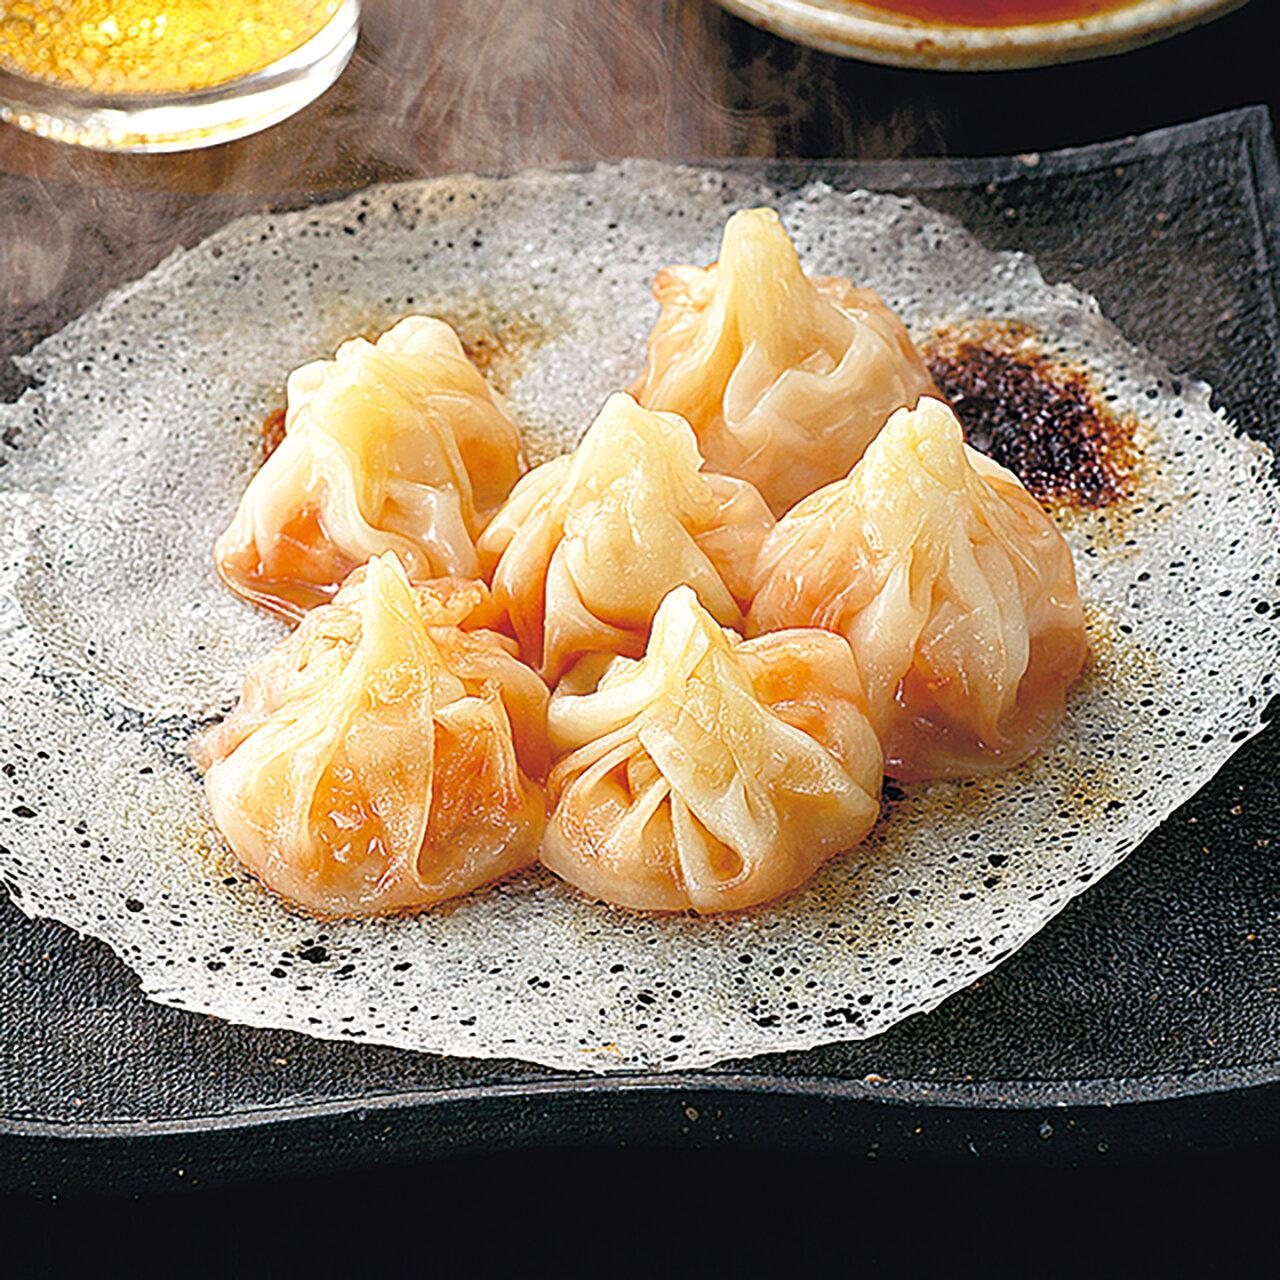 エビチリ風 海鮮餃子